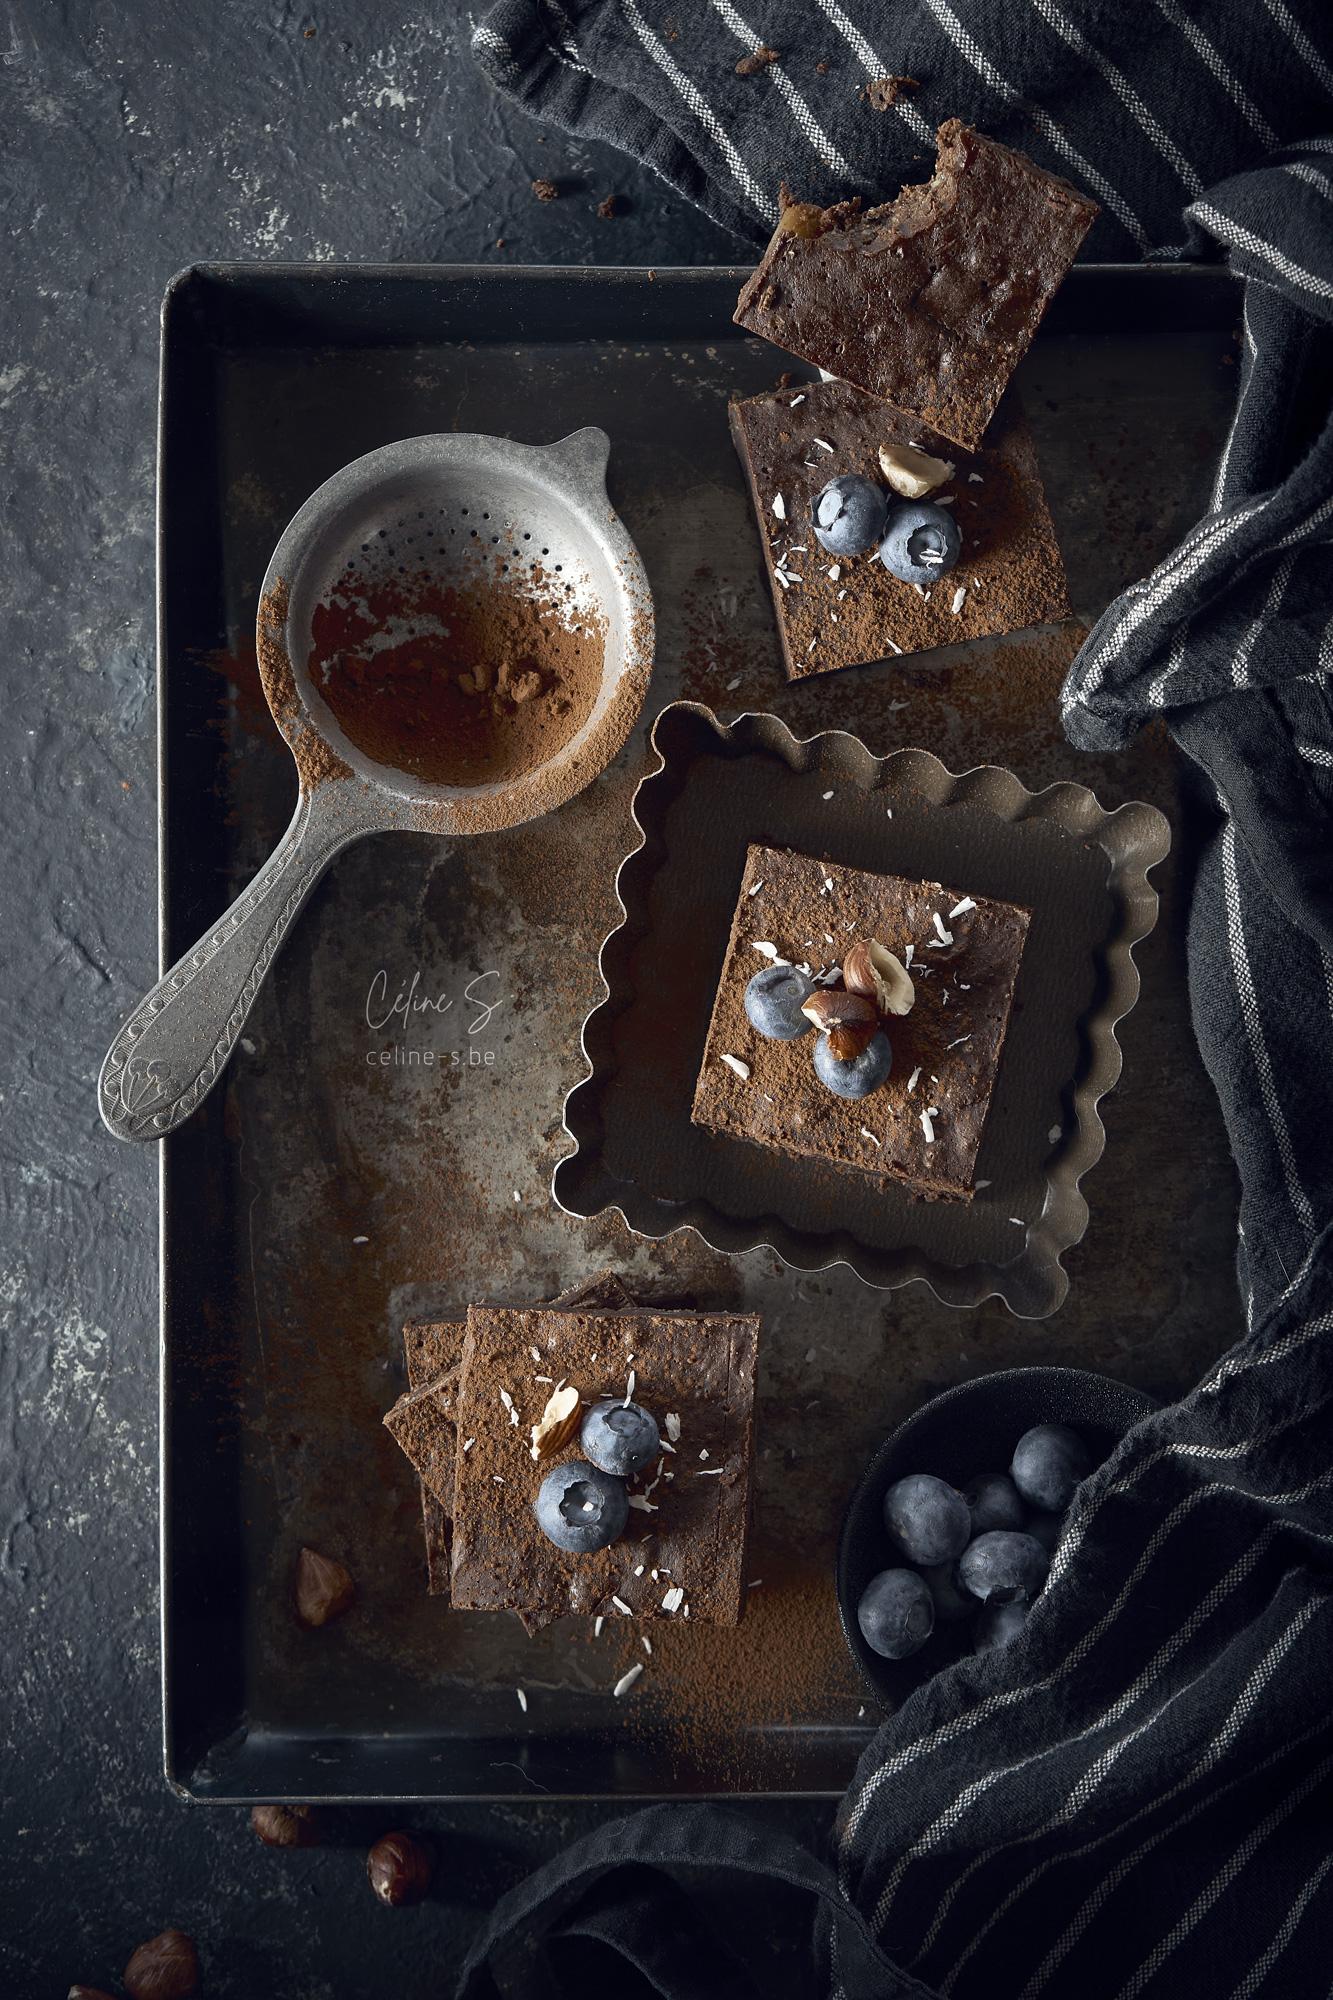 Céline Stiévenard - food photo - photographe et styliste culinaire - photo de gateau browie au chocolat - Liège, Belgique